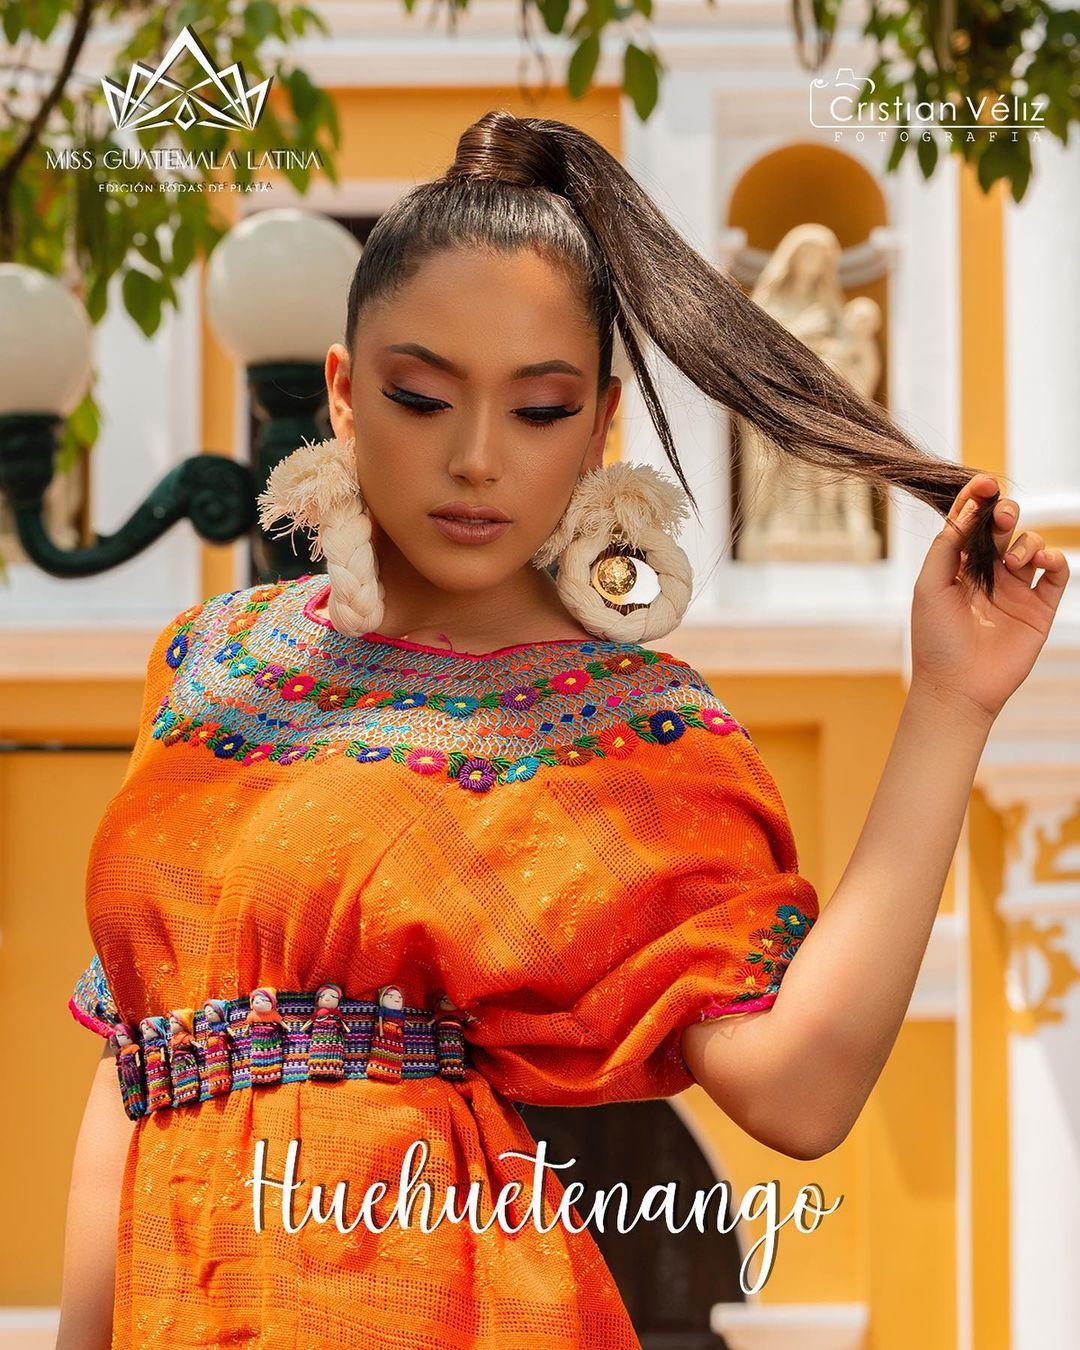 candidatas a miss guatemala latina 2021. final: 30 de abril. - Página 2 B2gW7V